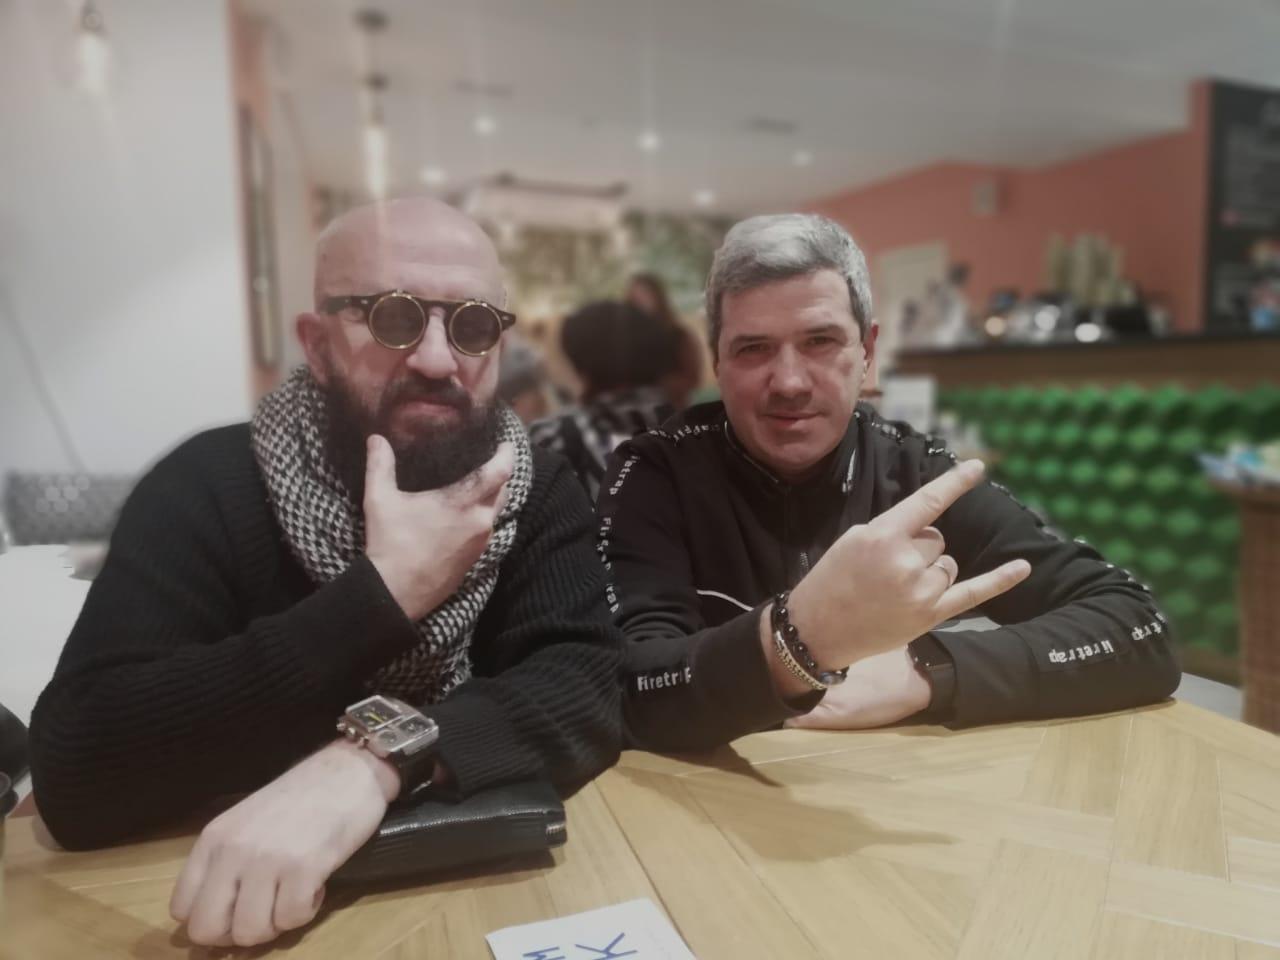 Наше сотрудничество с Ыыху и Михаилом Шахназаровым (одновременно) выходит на новый уровень!